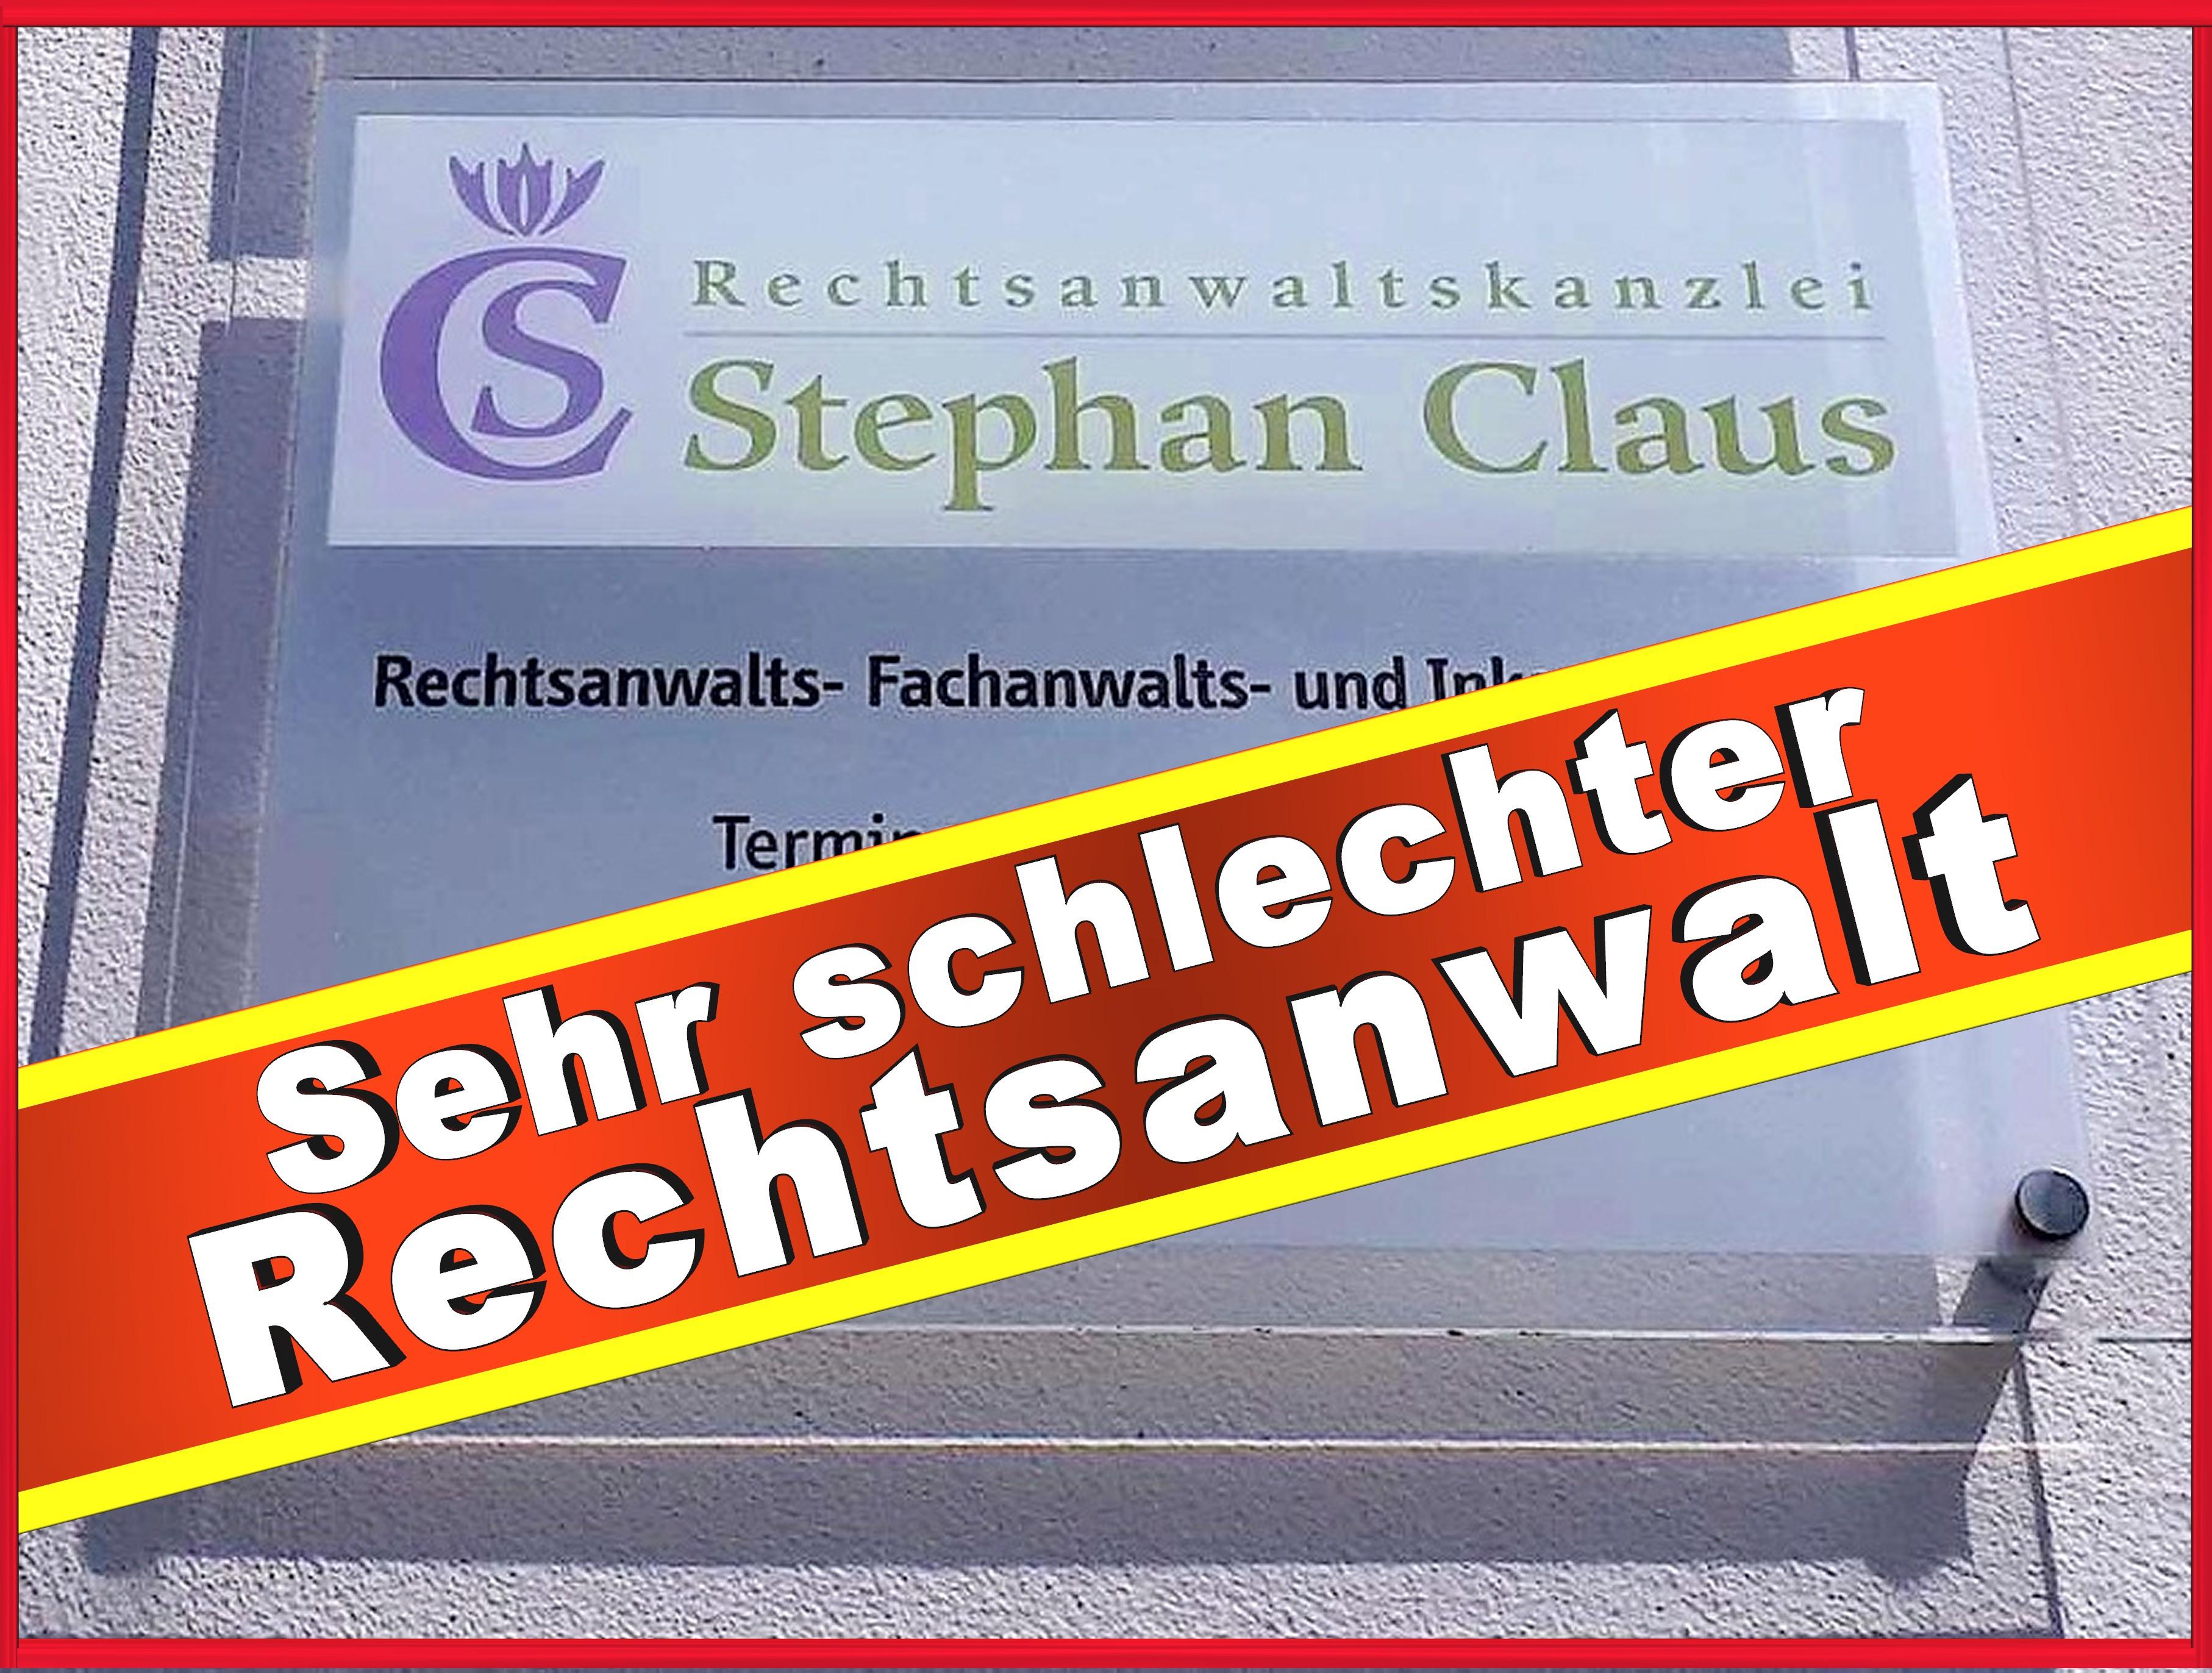 Rechtsanwalt Stephan Claus (4)